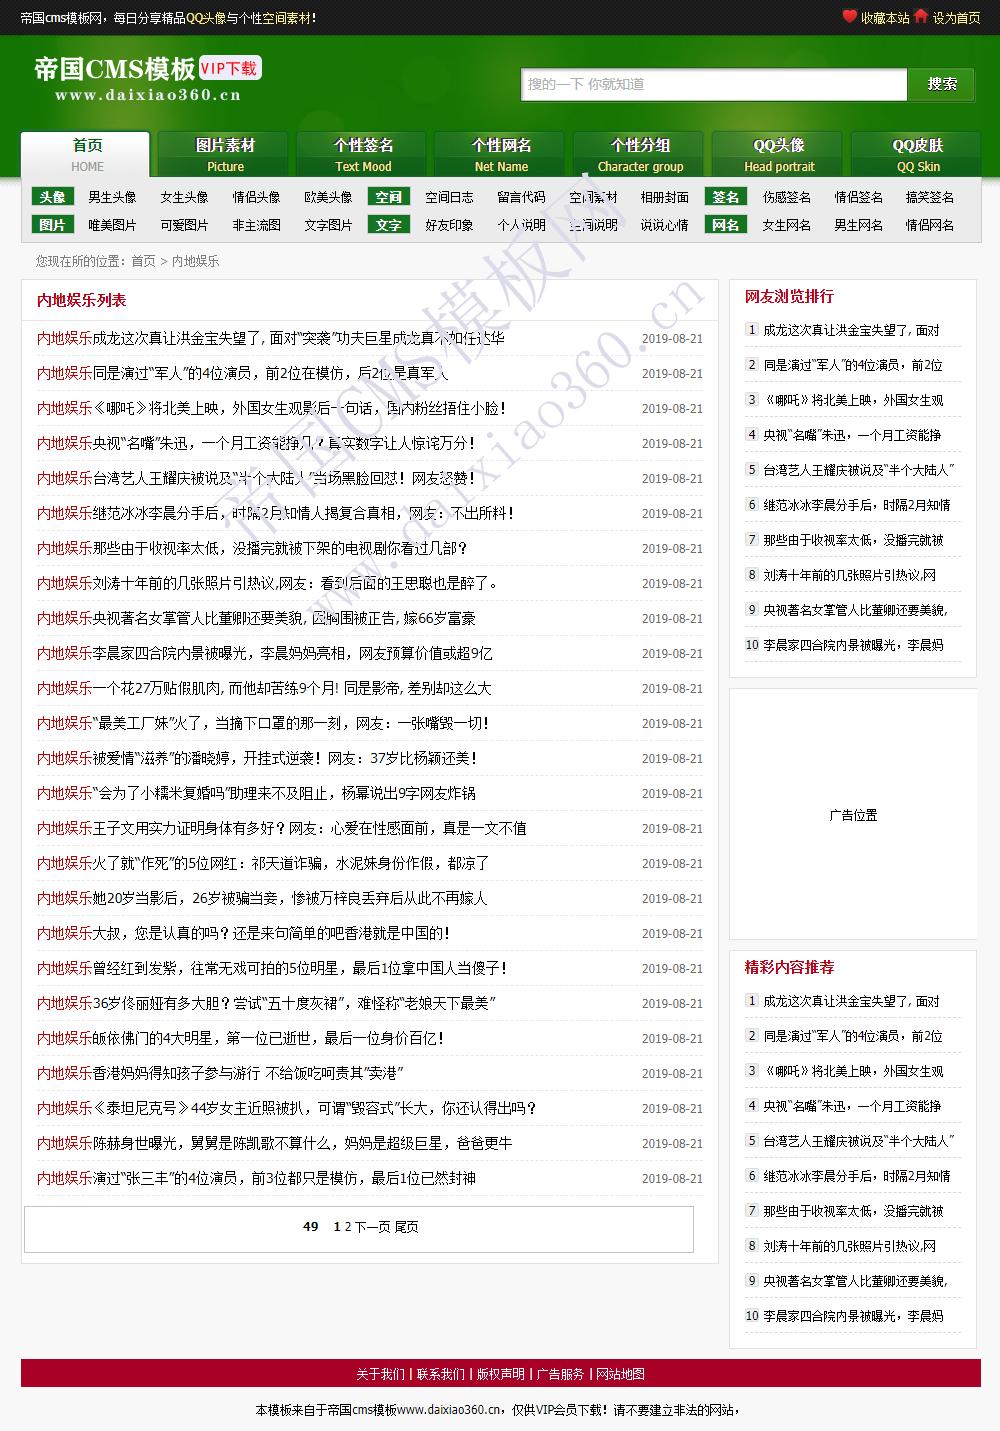 帝国cms免费模板之绿色QQ头像空间素材网站模板-列表页